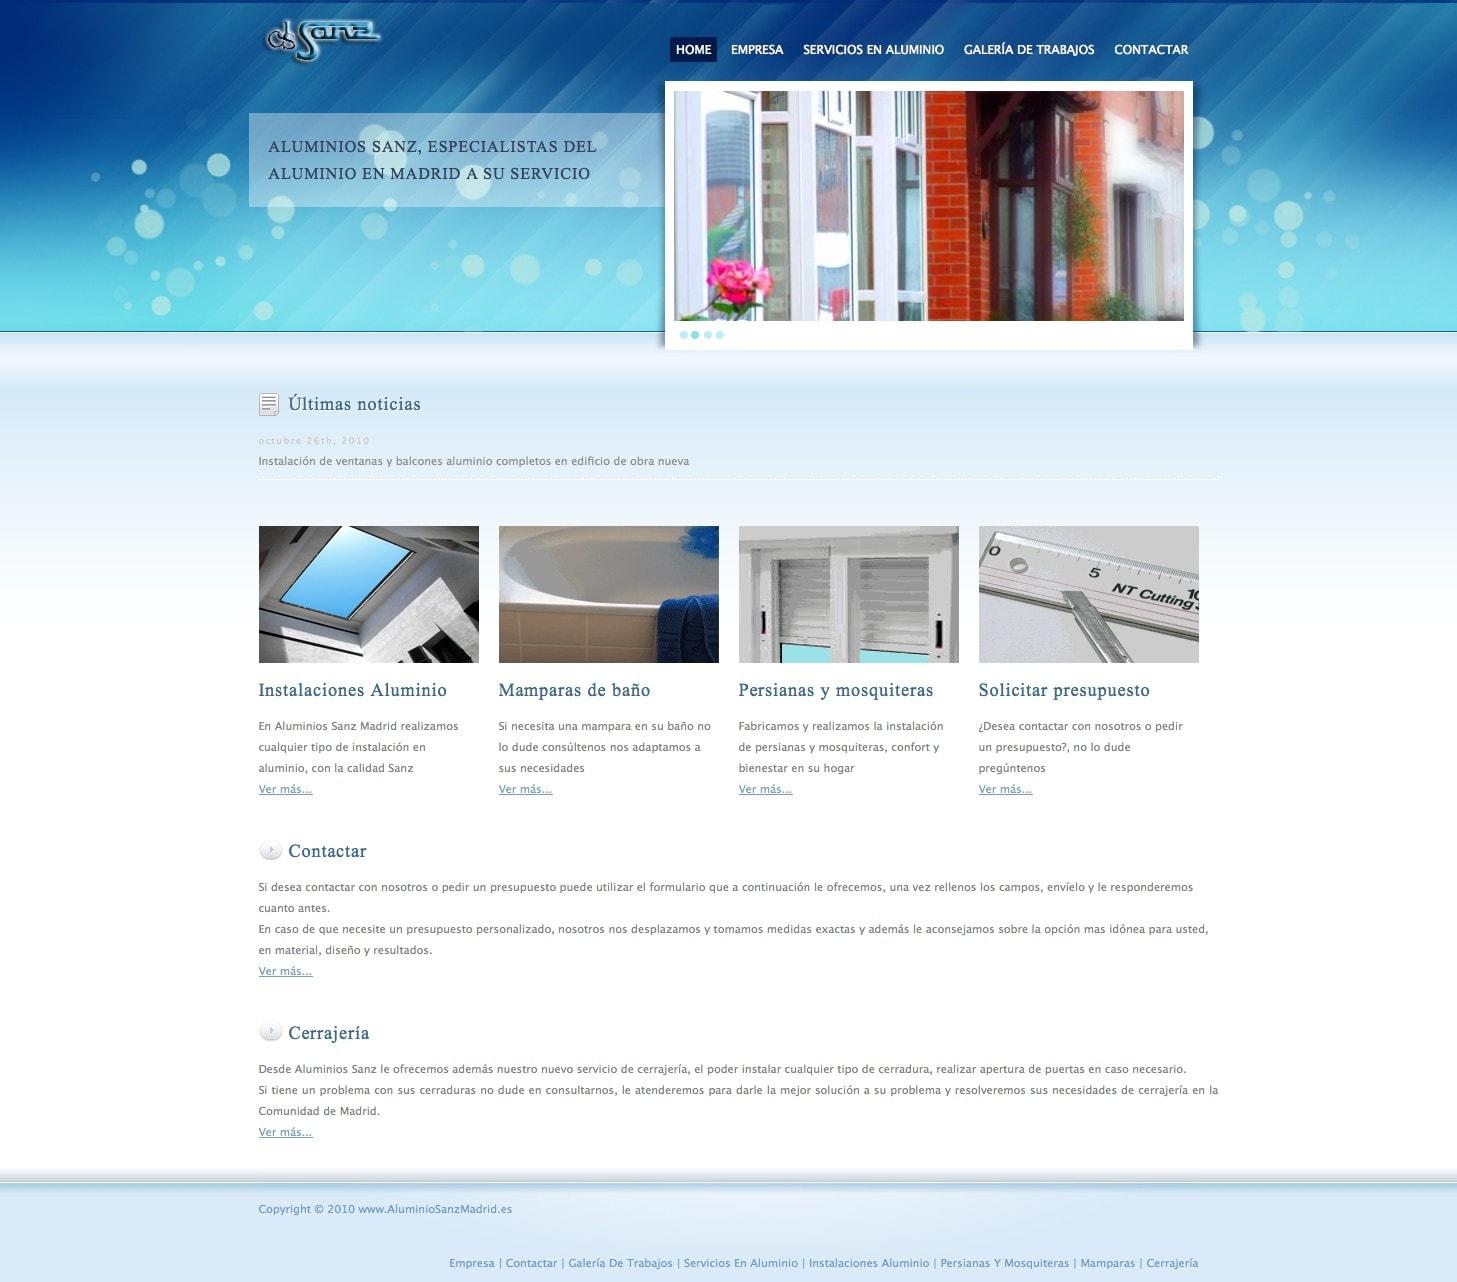 Diseño de página web para empresa de instaladores especialistas del aluminio en Madrid